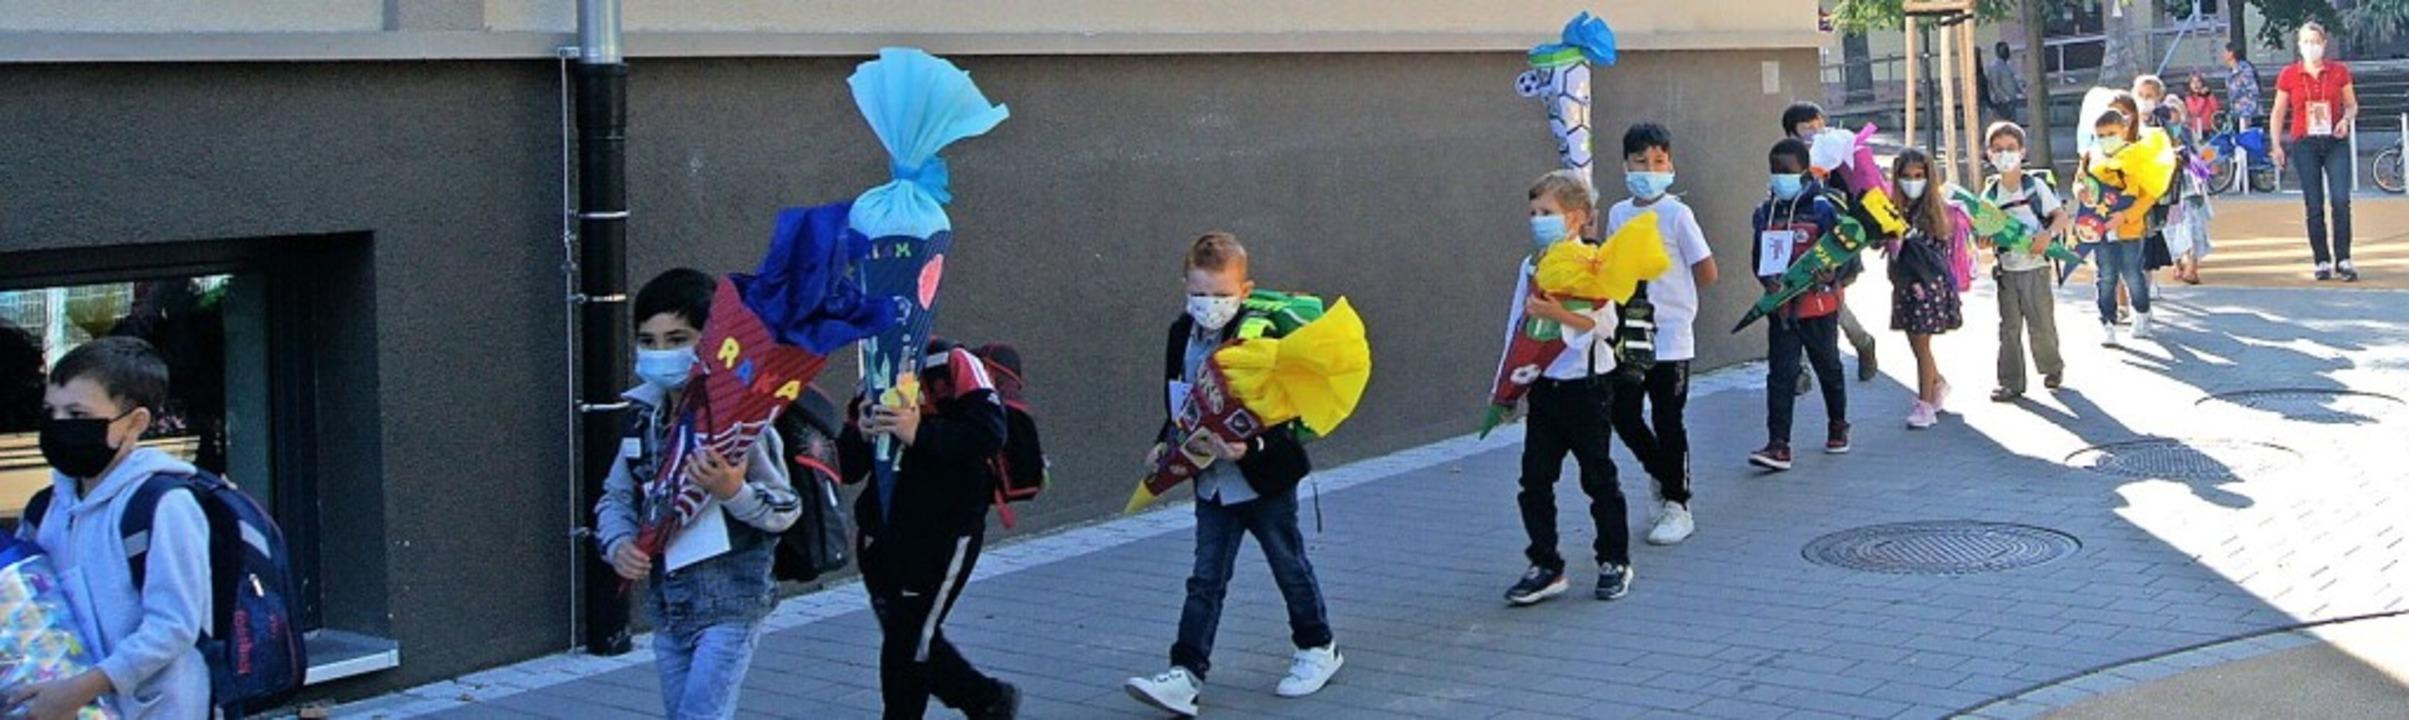 Neue Grundschülerinnen und -schüler ge...ke und Abstand in ihre Klassenzimmer.   | Foto: Carola Bruhier